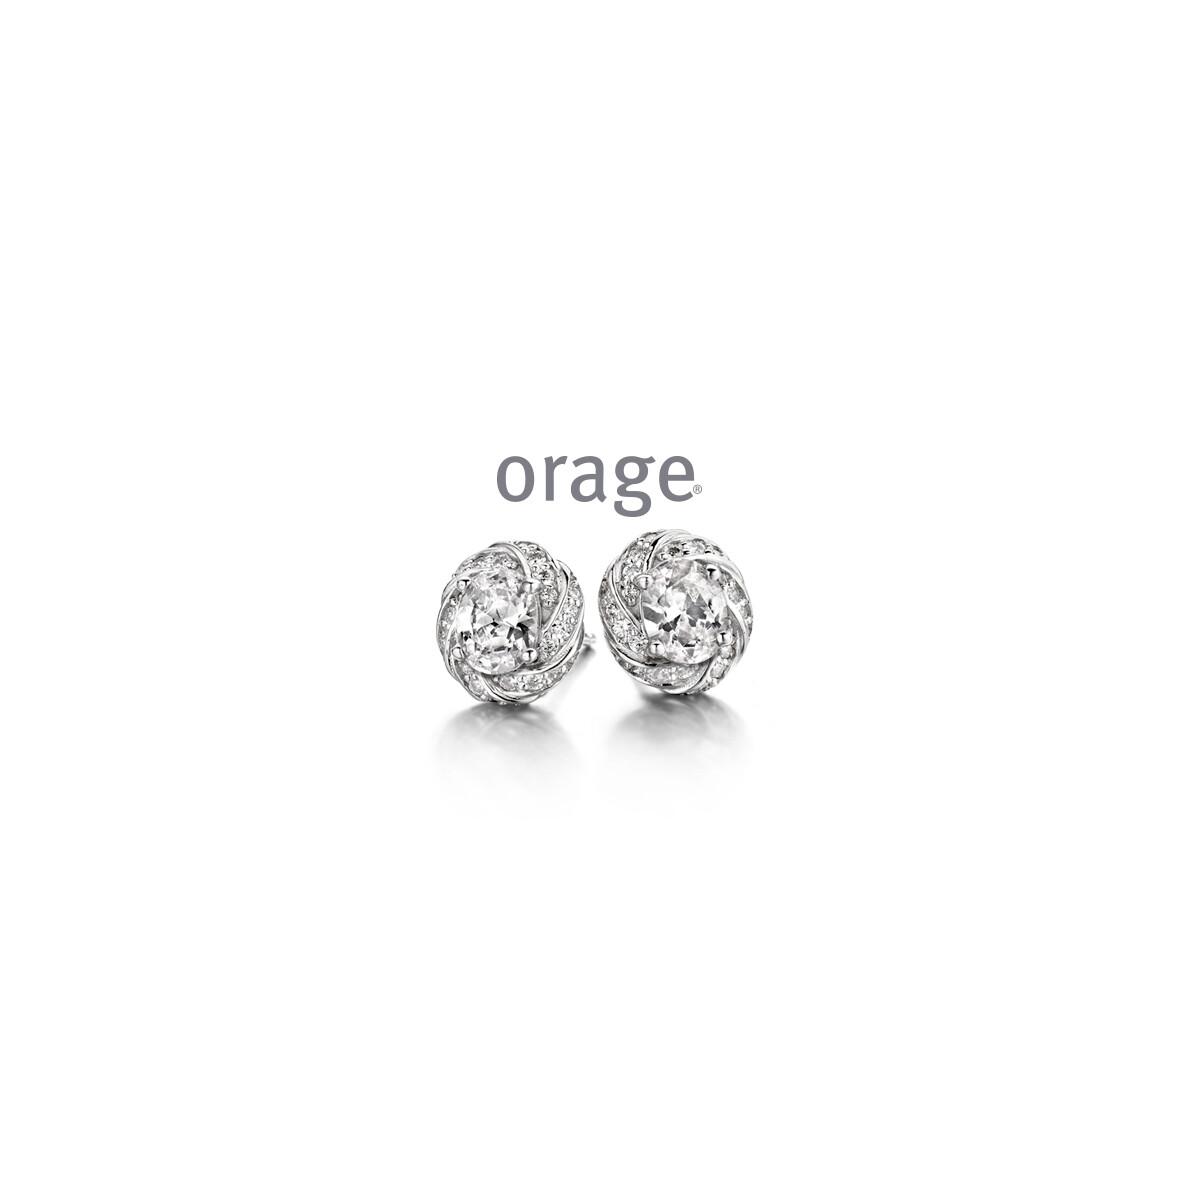 Boucles d'oreilles Orage AP014